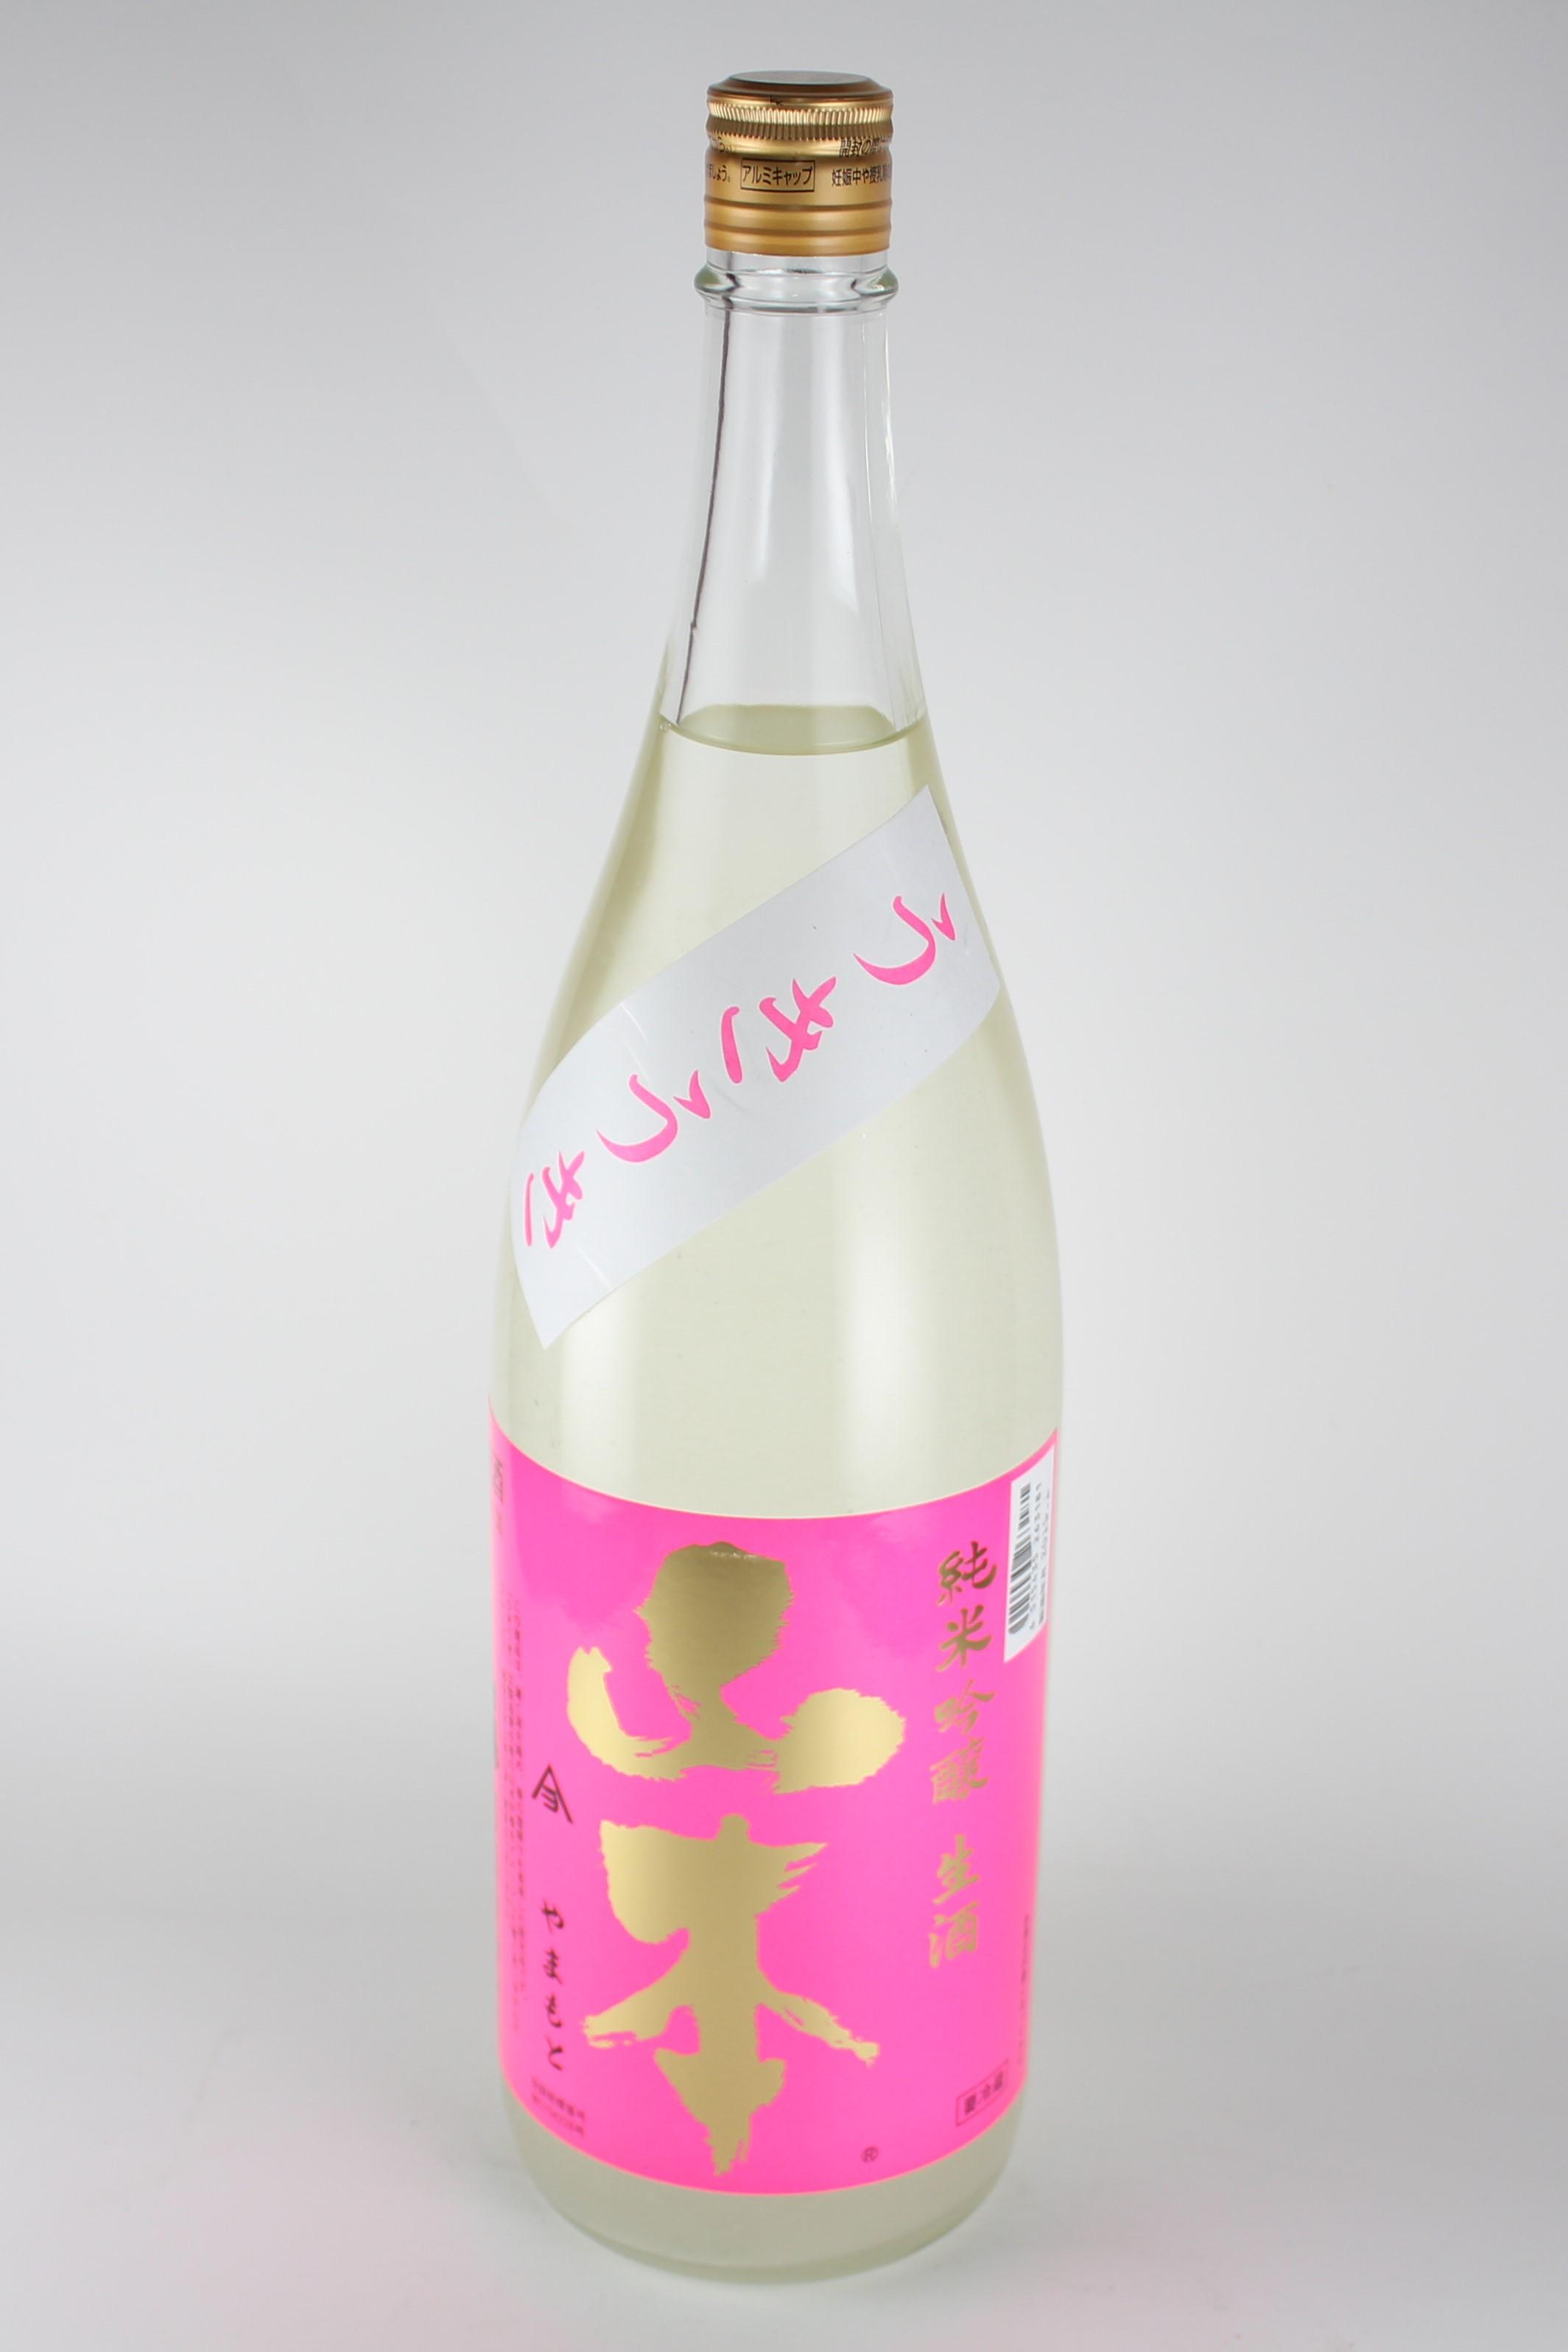 山本うきうき 純米吟醸うすにごり生酒 1800ml 【秋田/山本合名】